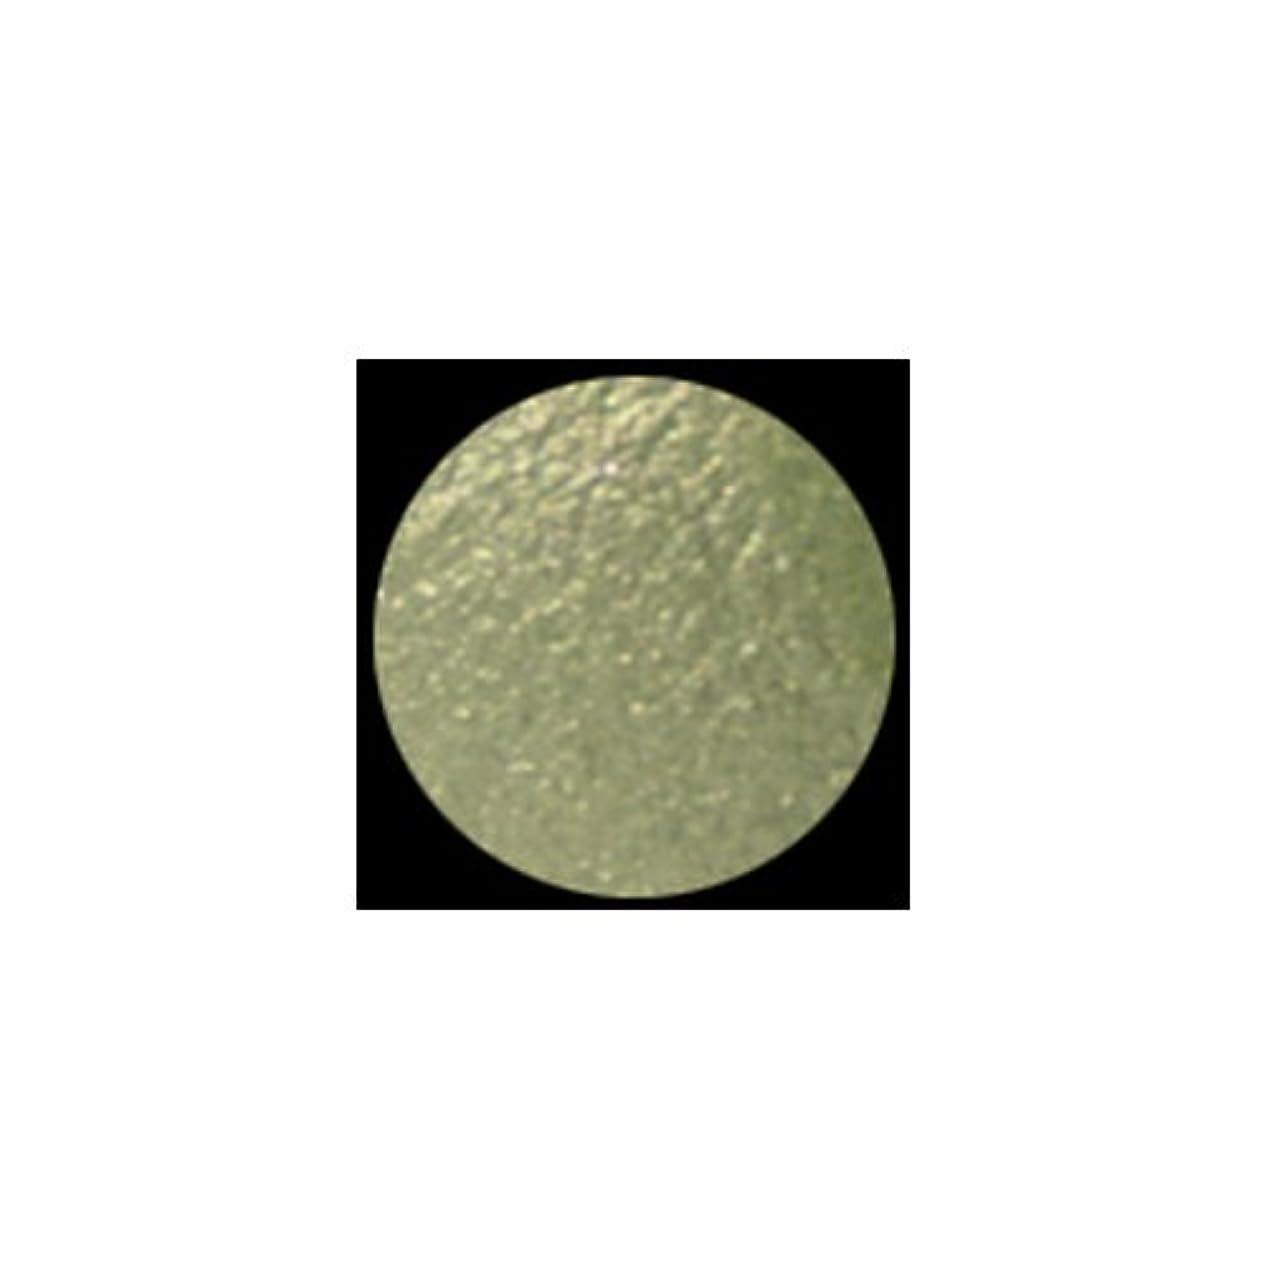 オーケストラ垂直小石(3 Pack) KLEANCOLOR American Eyedol (Wet/Dry Baked Eyeshadow) - Shamrock (並行輸入品)